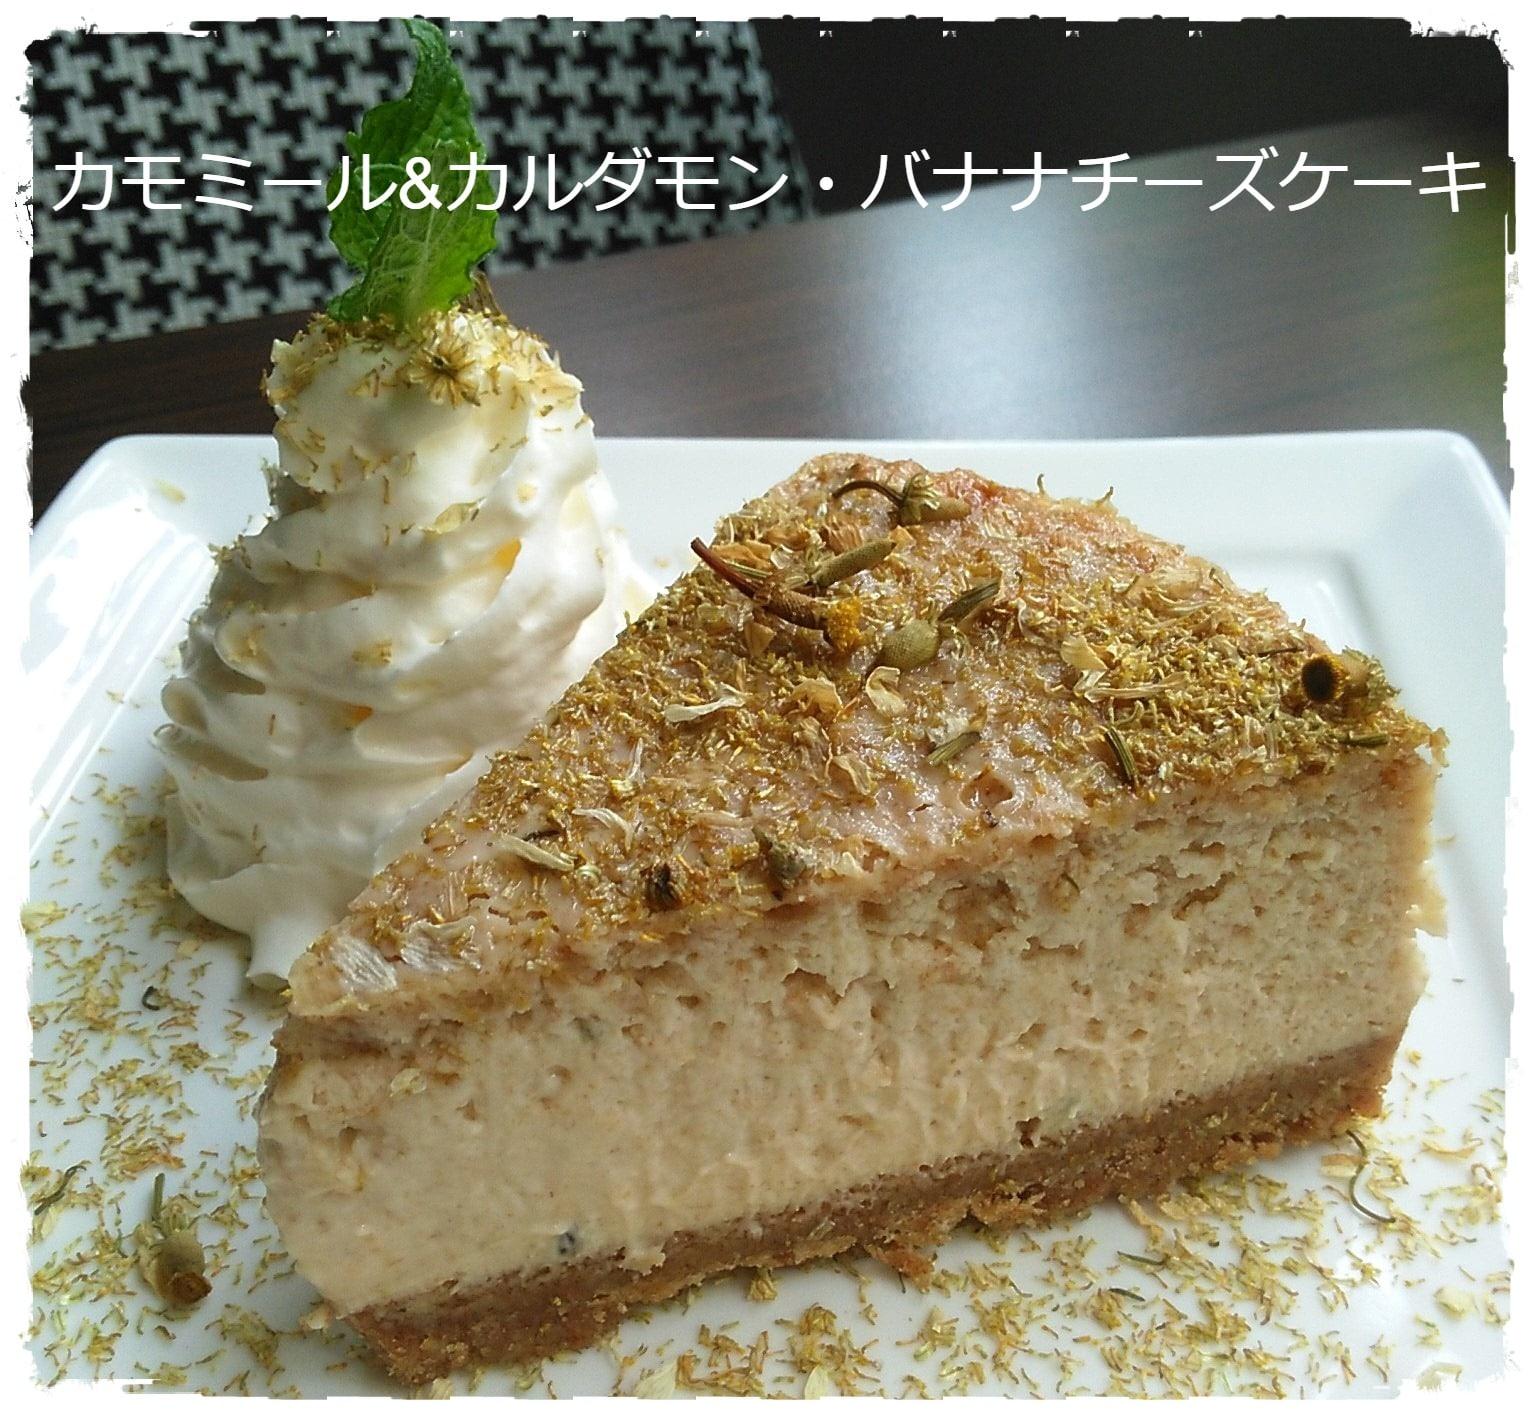 カモミールカルダモンバナナチーズケーキf2-min